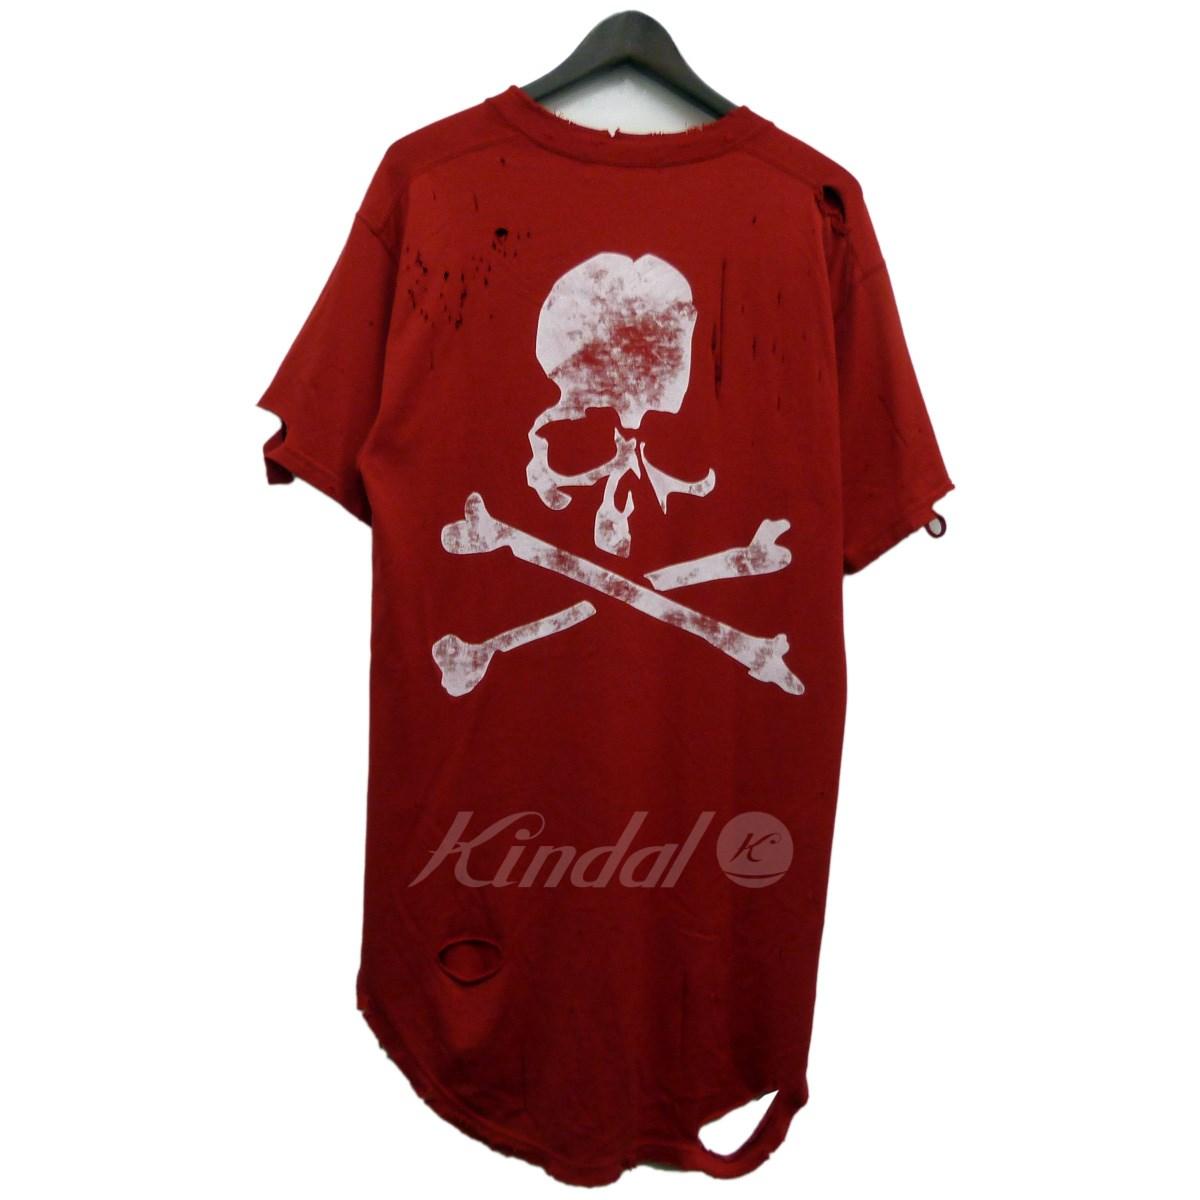 【中古】mastermind WORLD 18SSバックスカルデストロイ加工Tシャツ 【送料無料】 【140506】 【KIND1550】